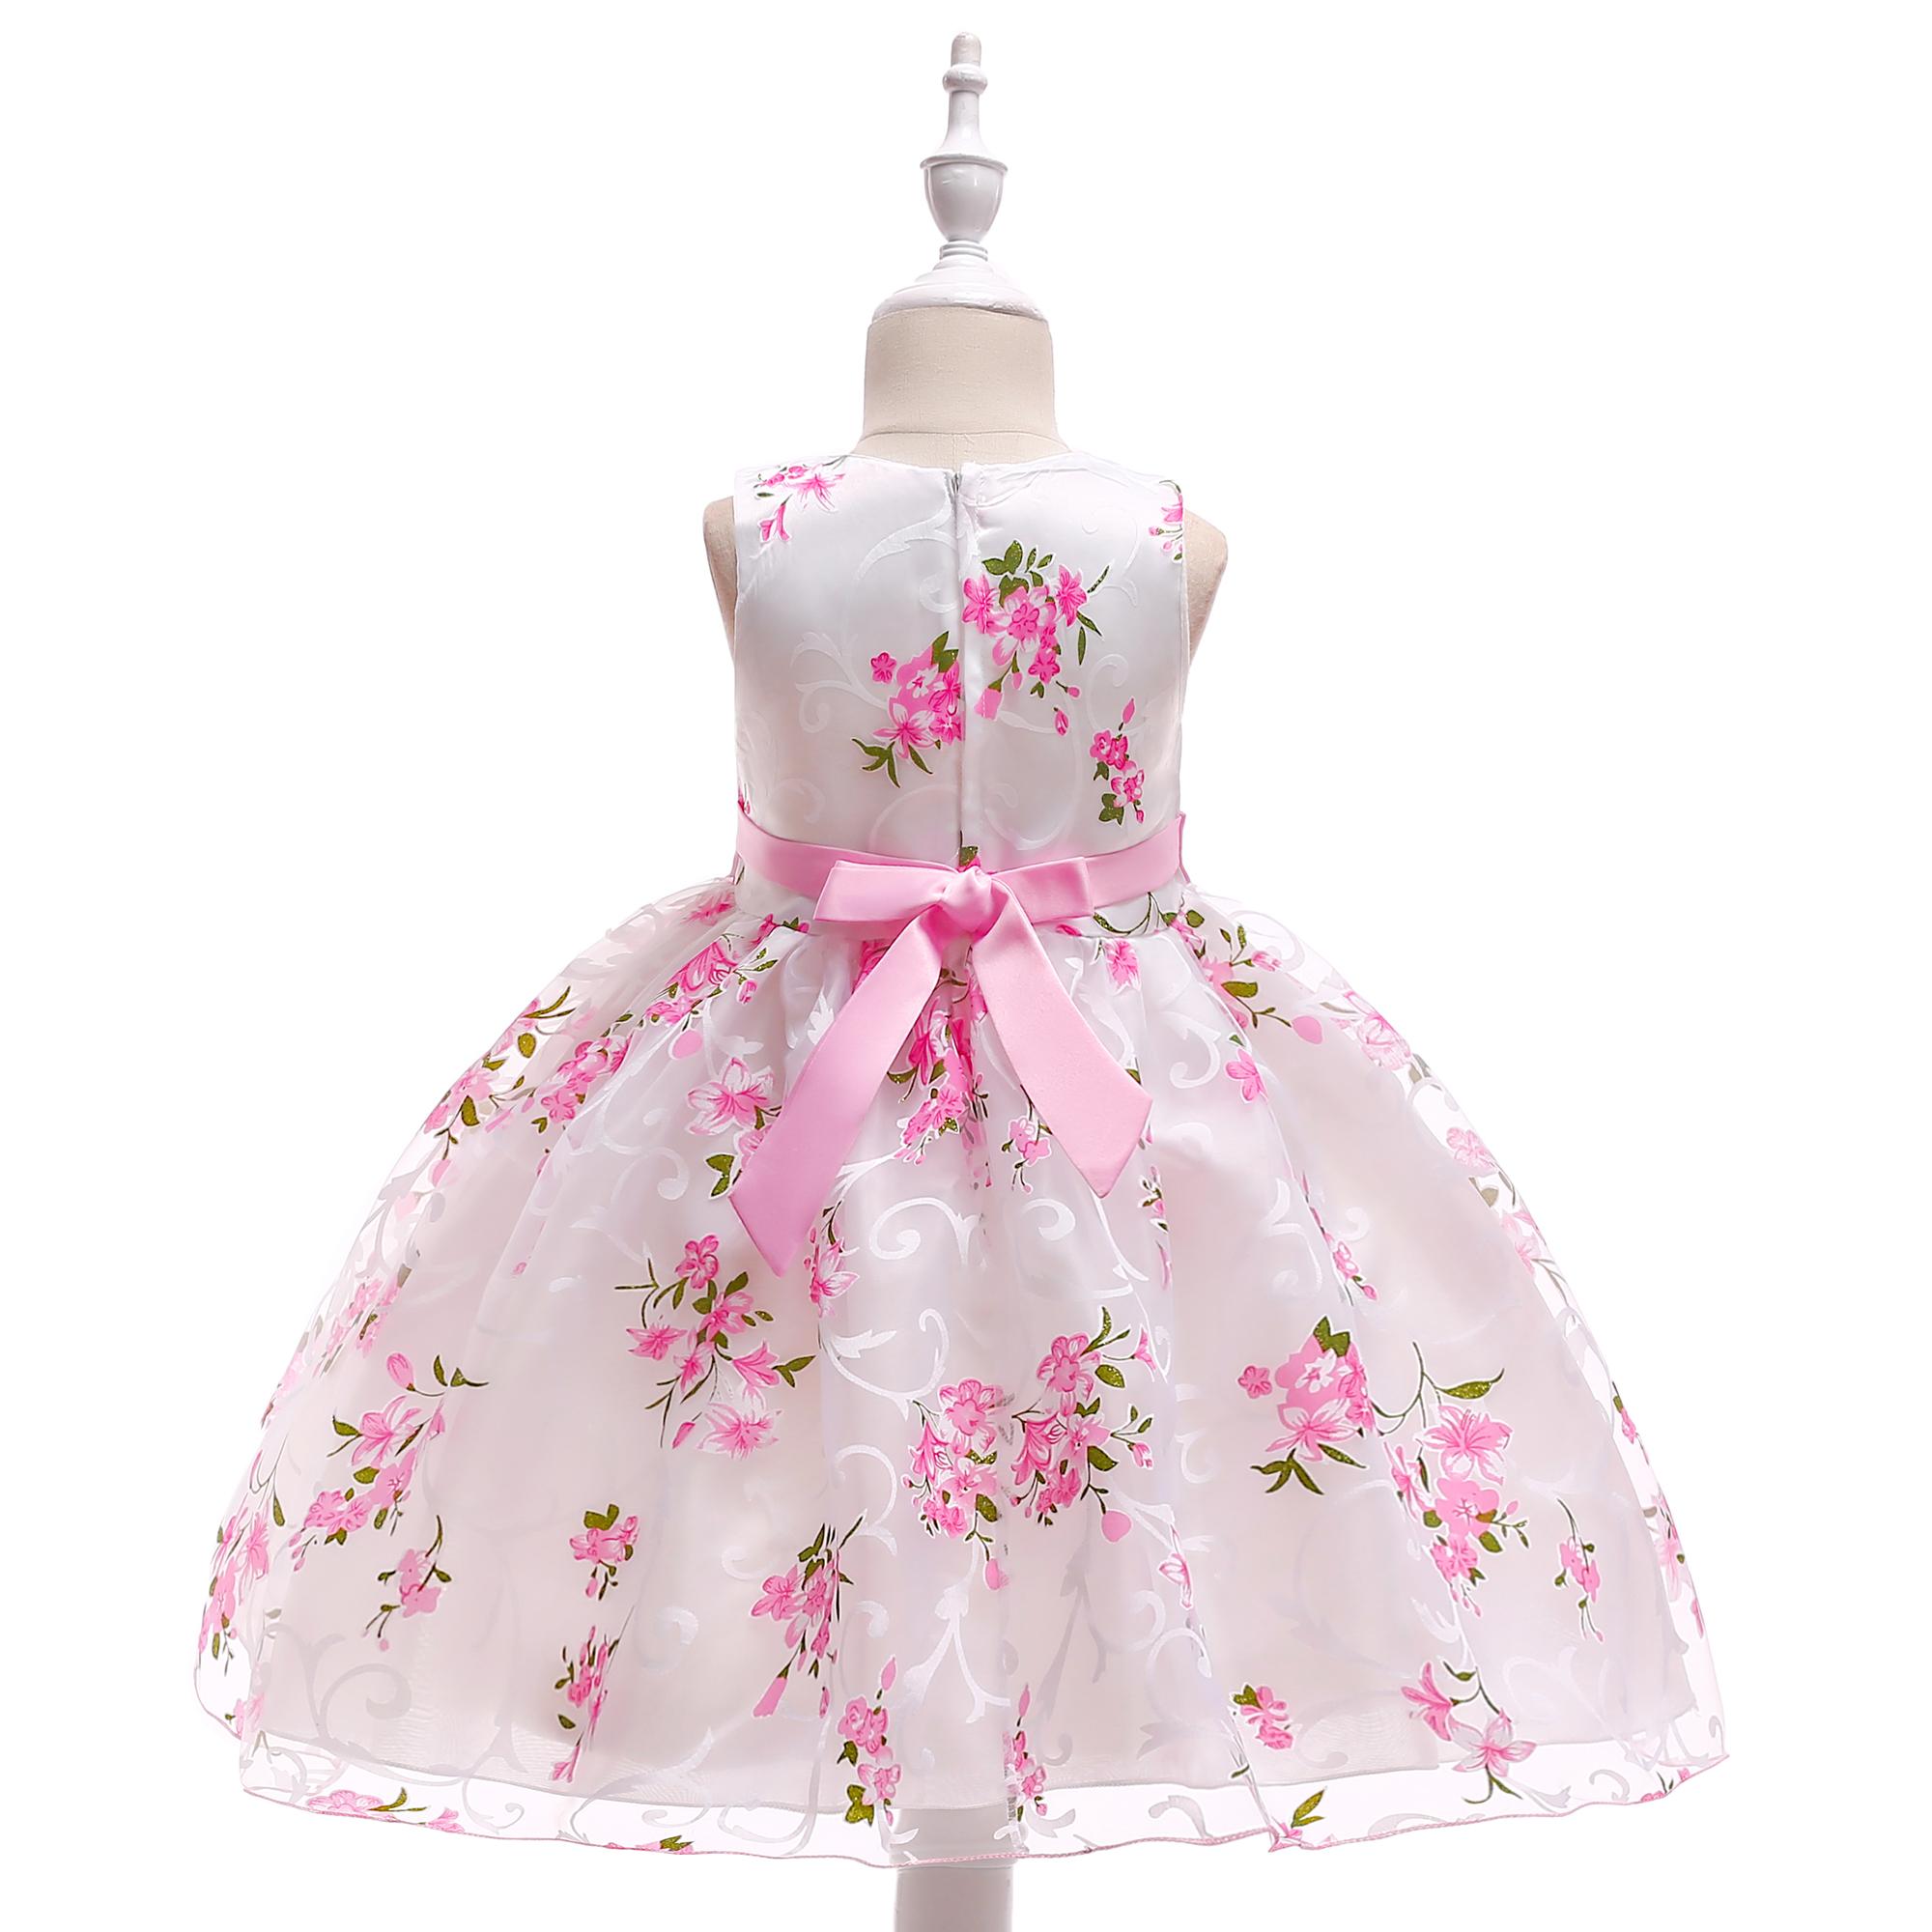 Großhandel blumenkind kleid günstig Kaufen Sie die besten blumenkind ...